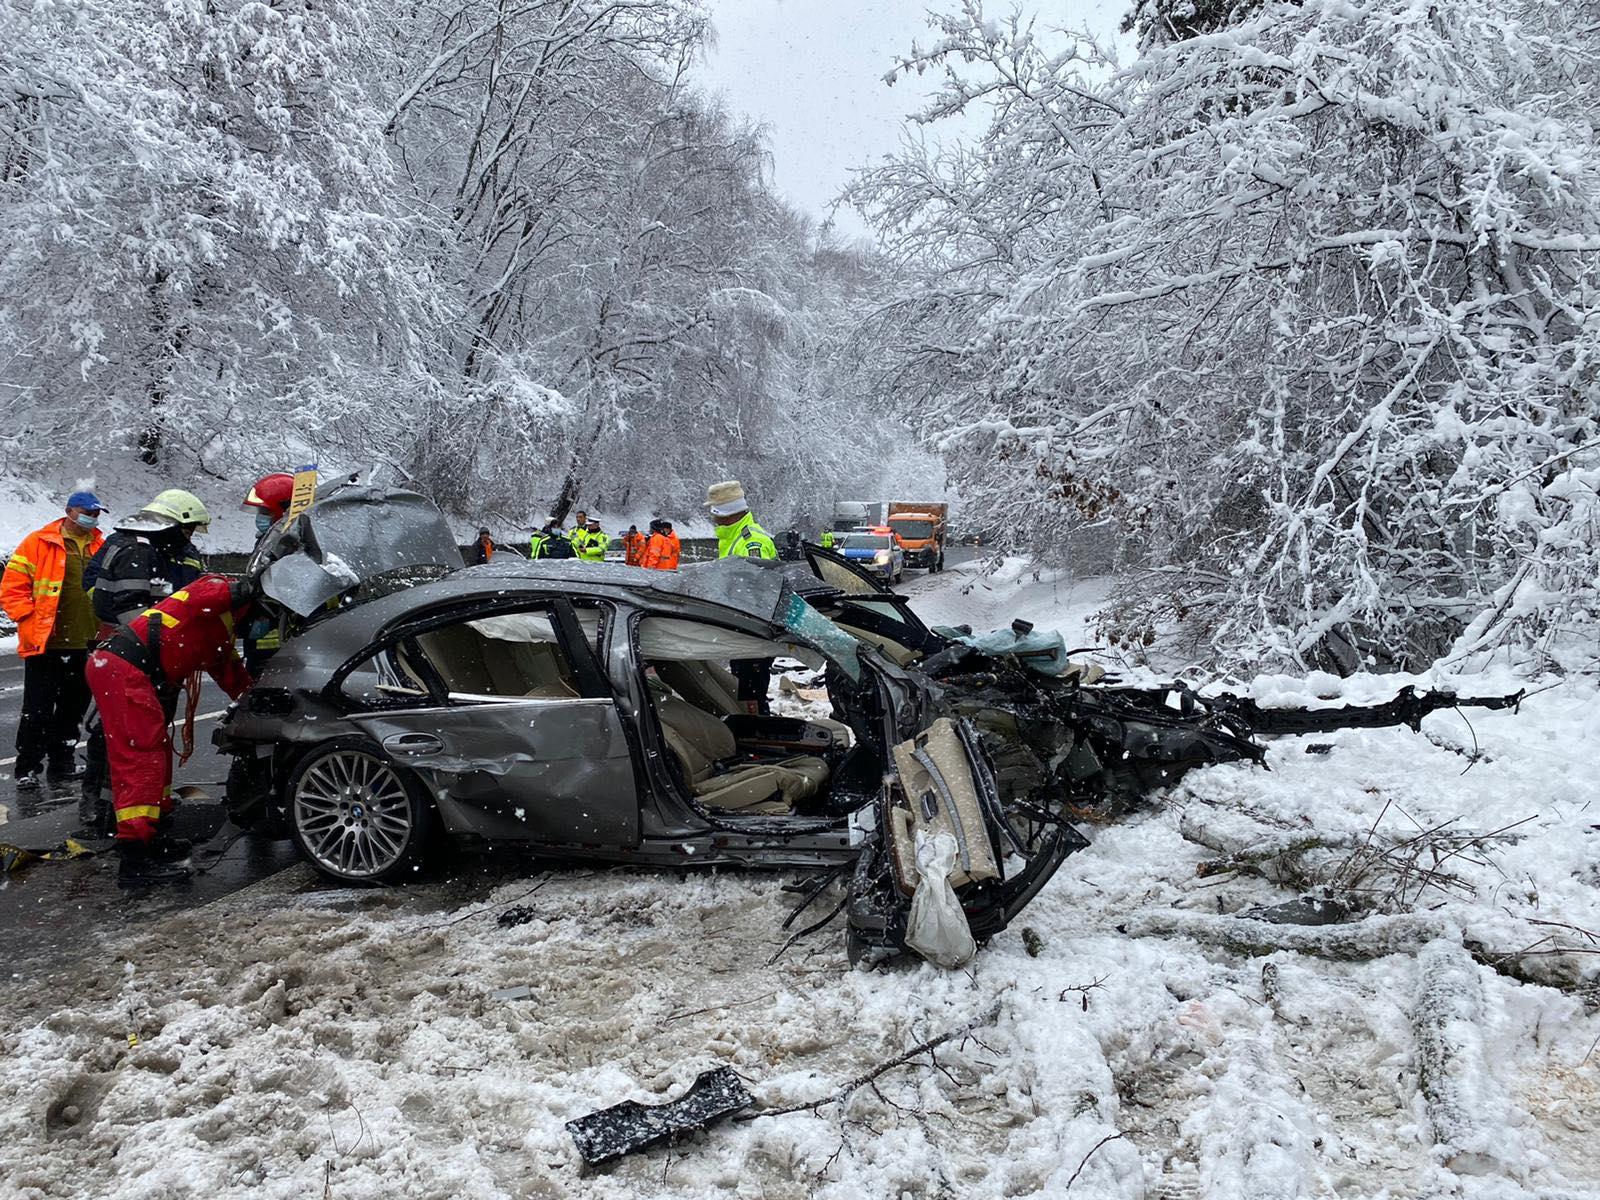 Unul dintre cei trei bărbați morți în accidentul din. Argeș era din județul Dâmbovița